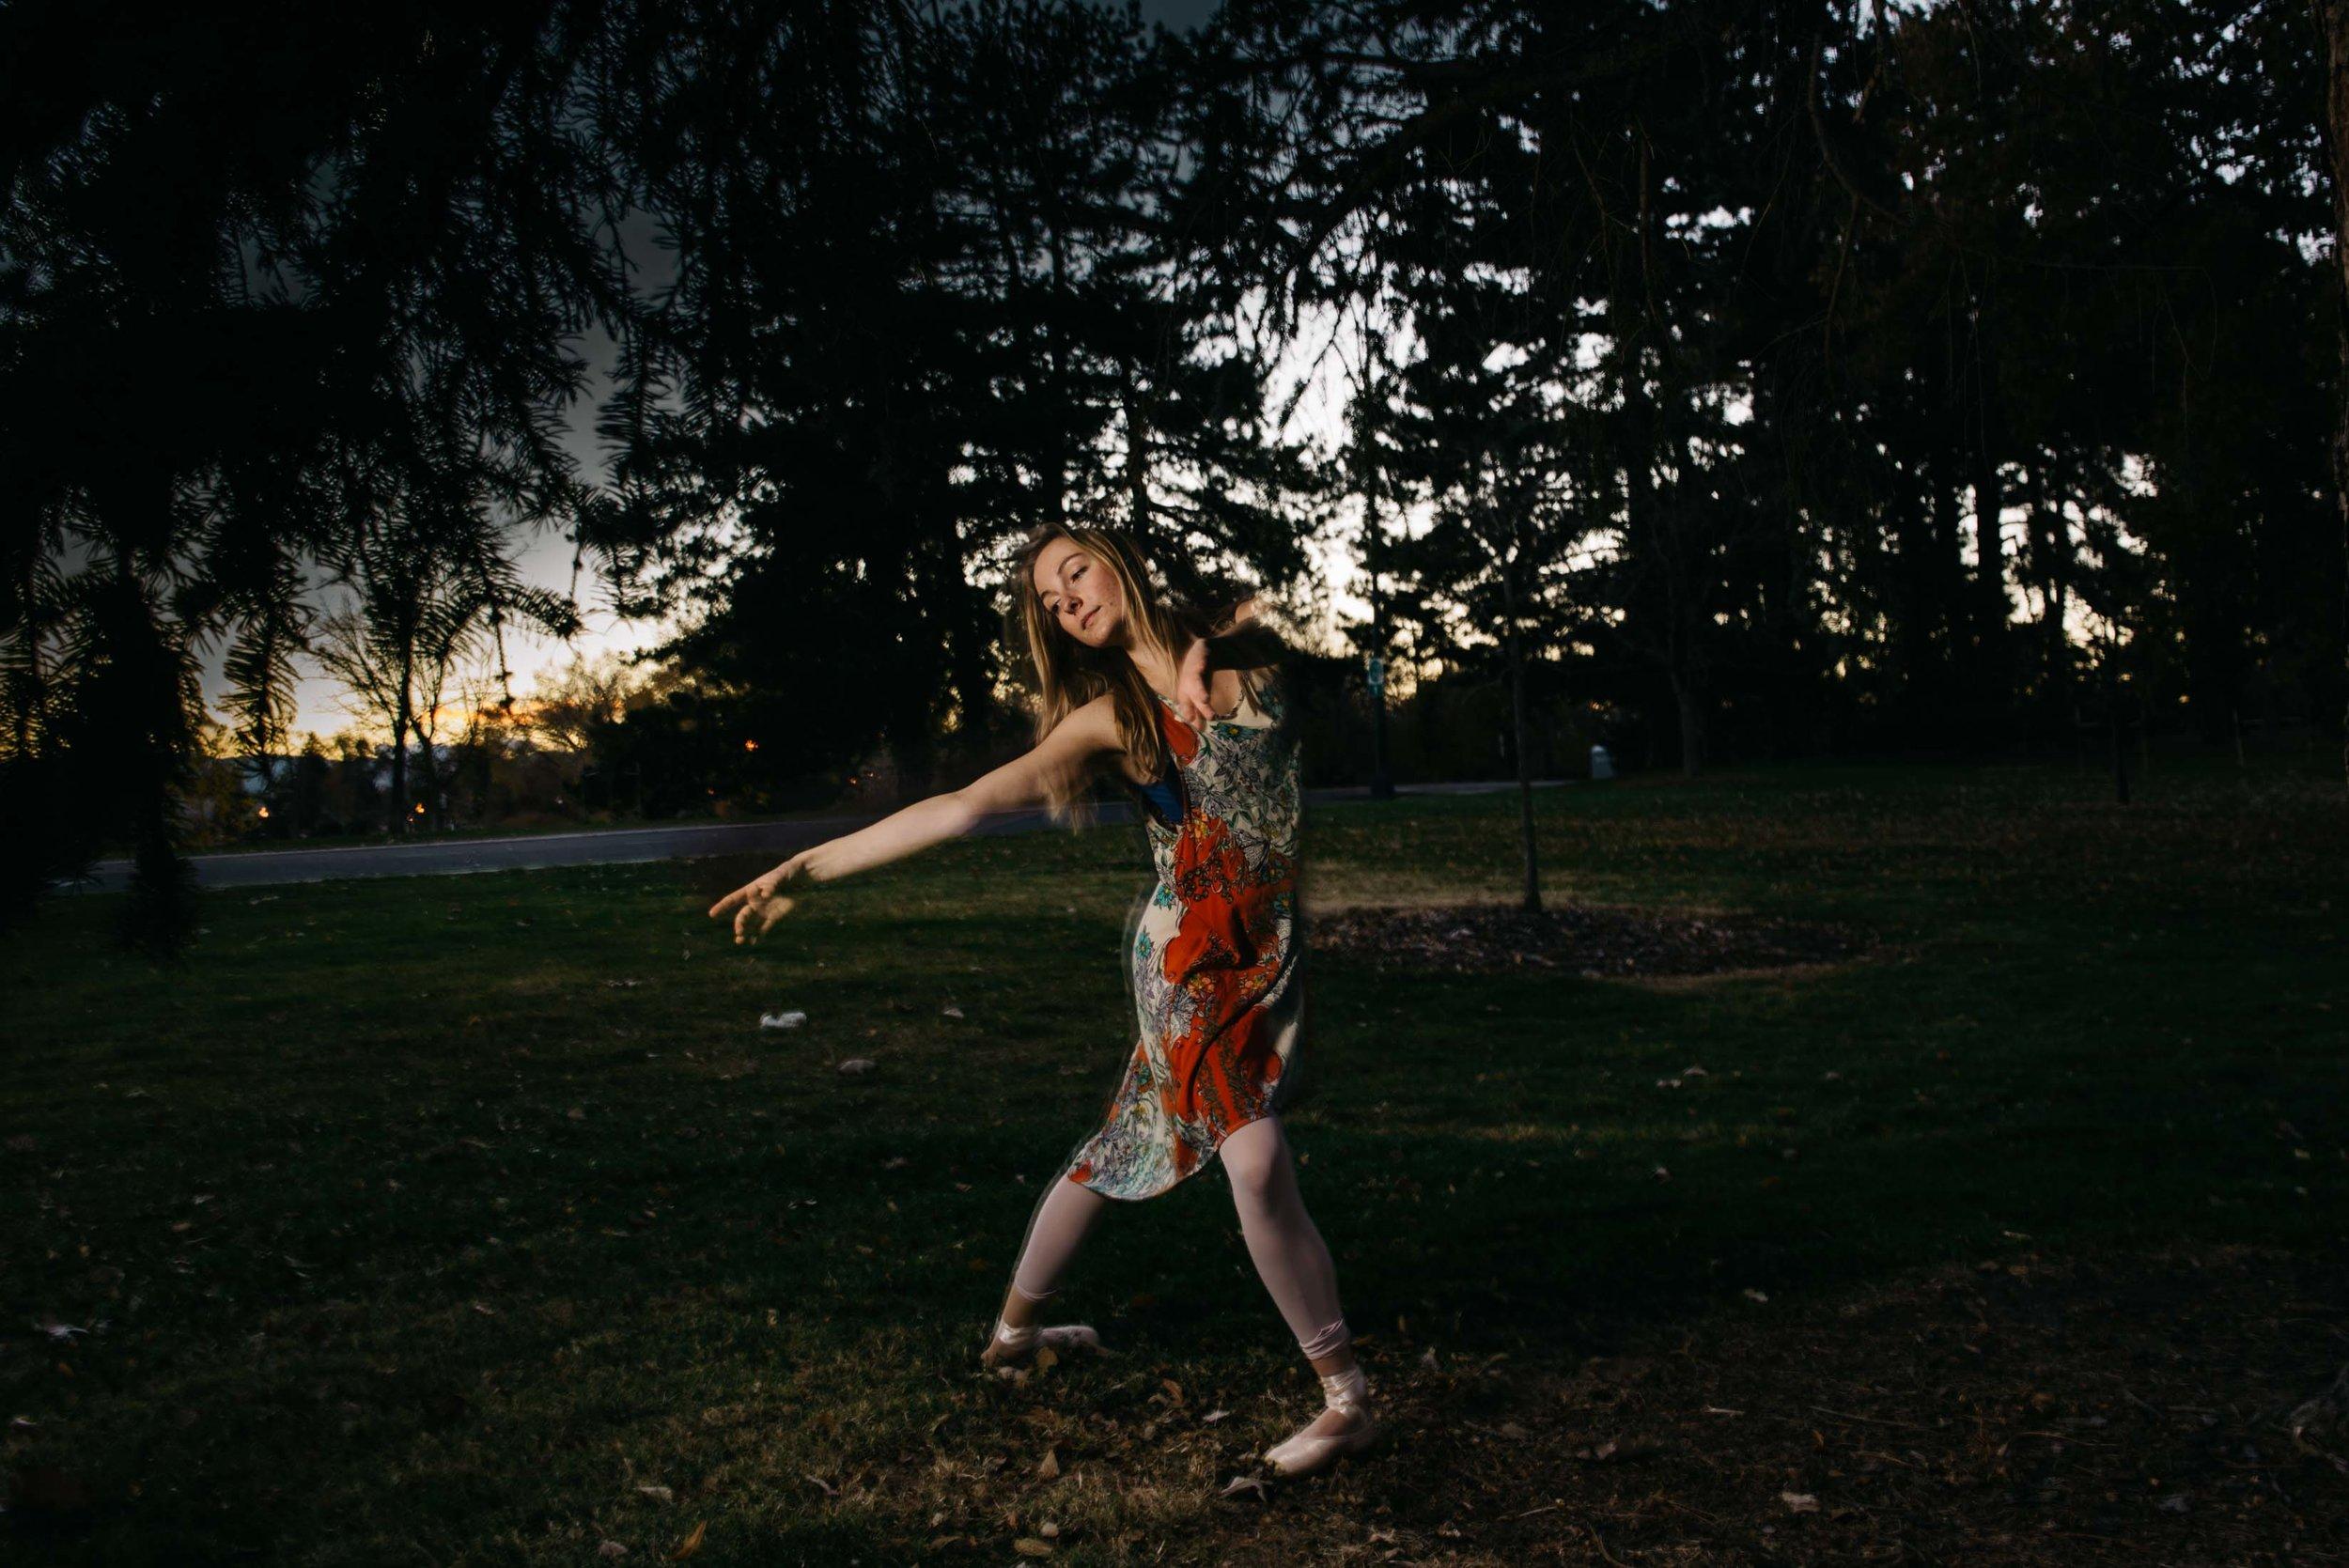 denver-dance-photographer-ballet-photographer-chloe-2017-307.jpg